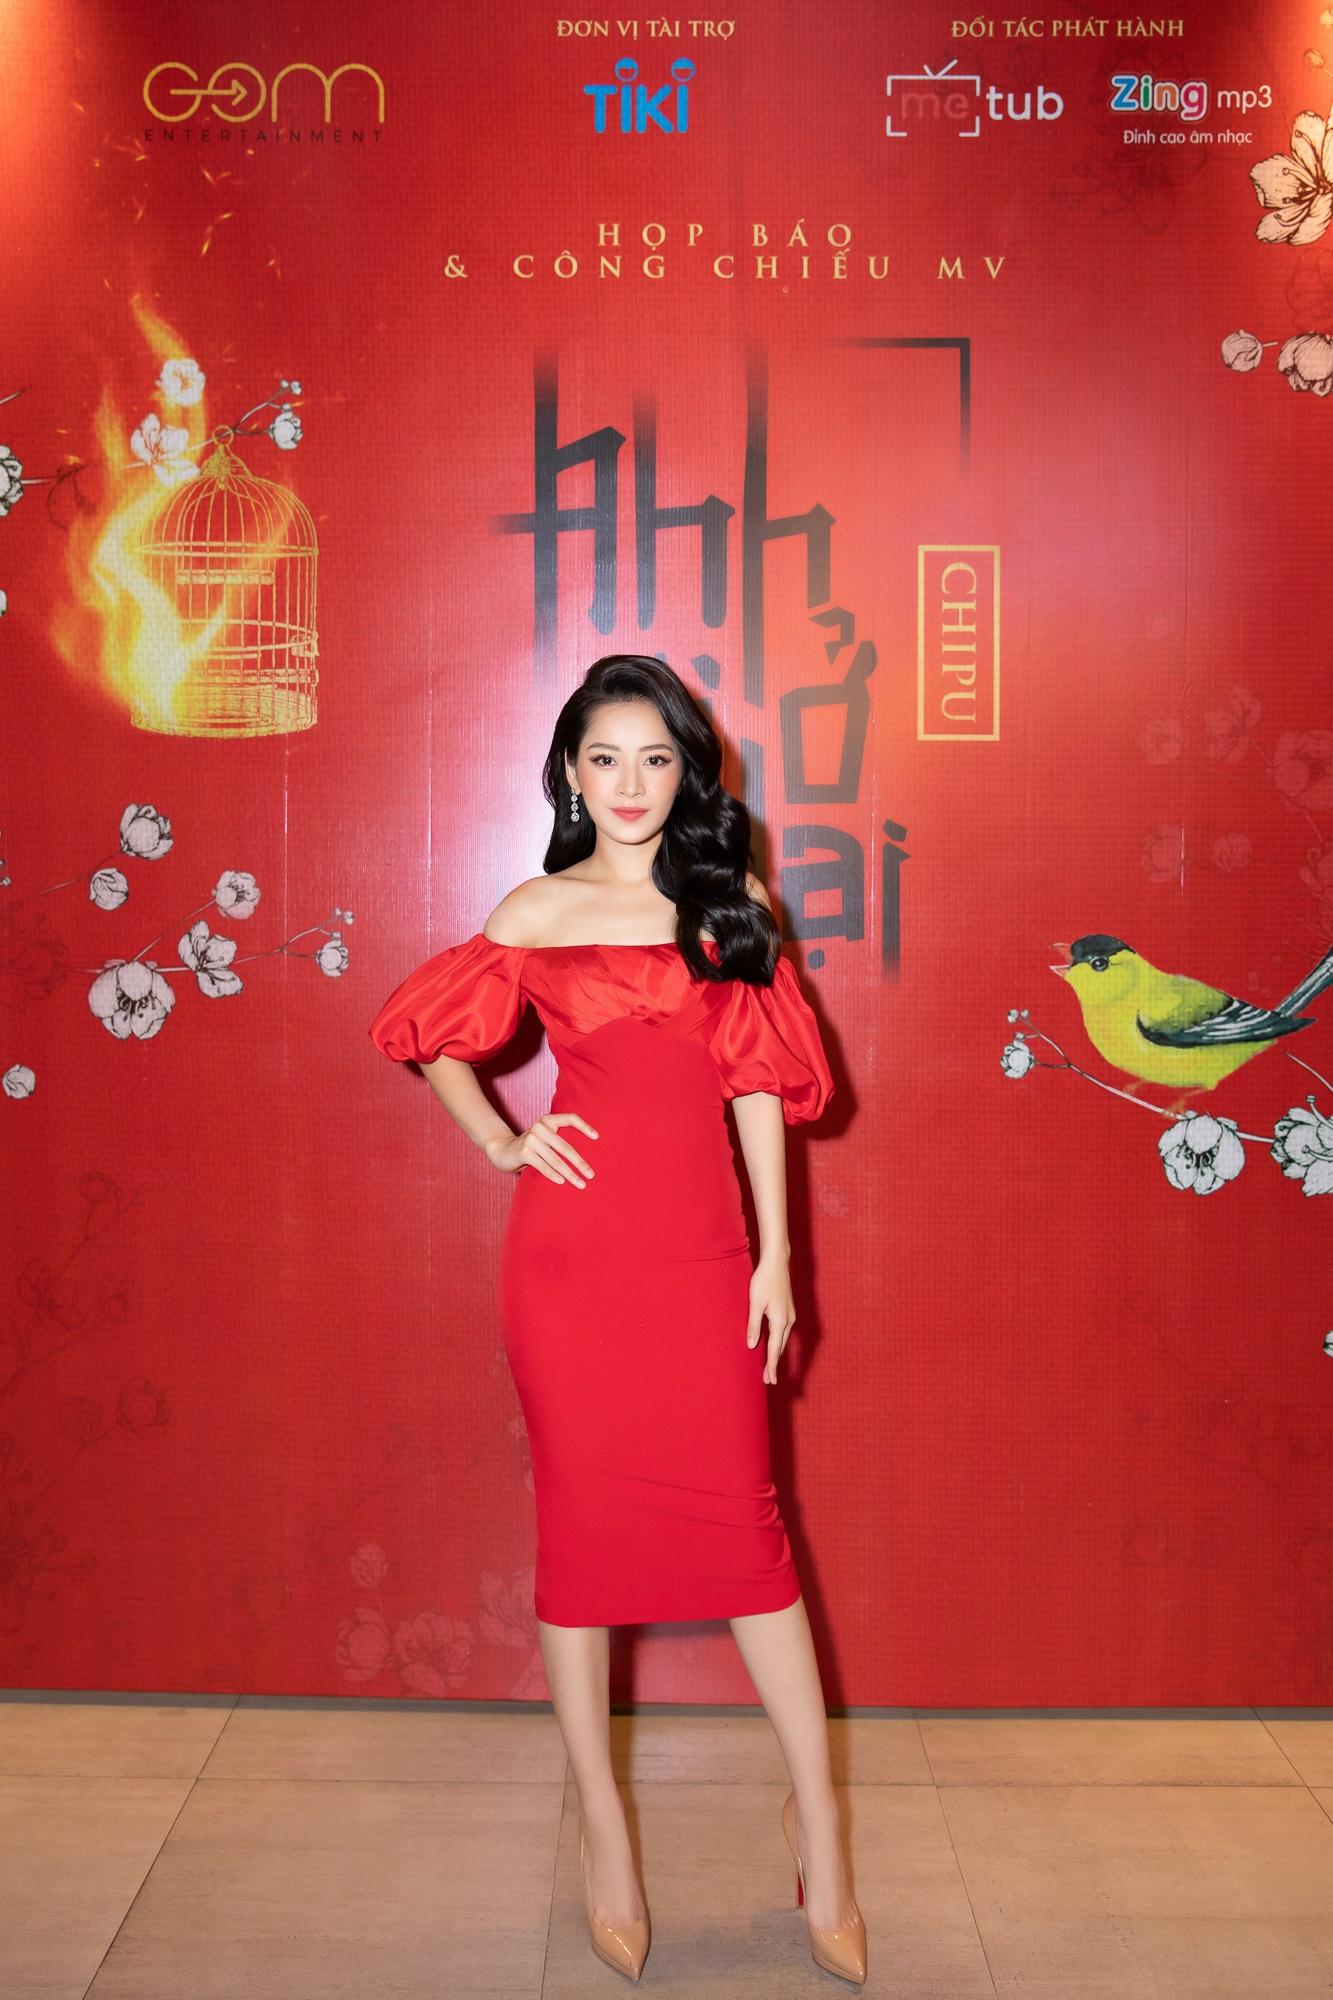 Chi Pu mang những điều lần đầu tiên vào MV trở lại đường đua Vpop 2019 - Ảnh 2